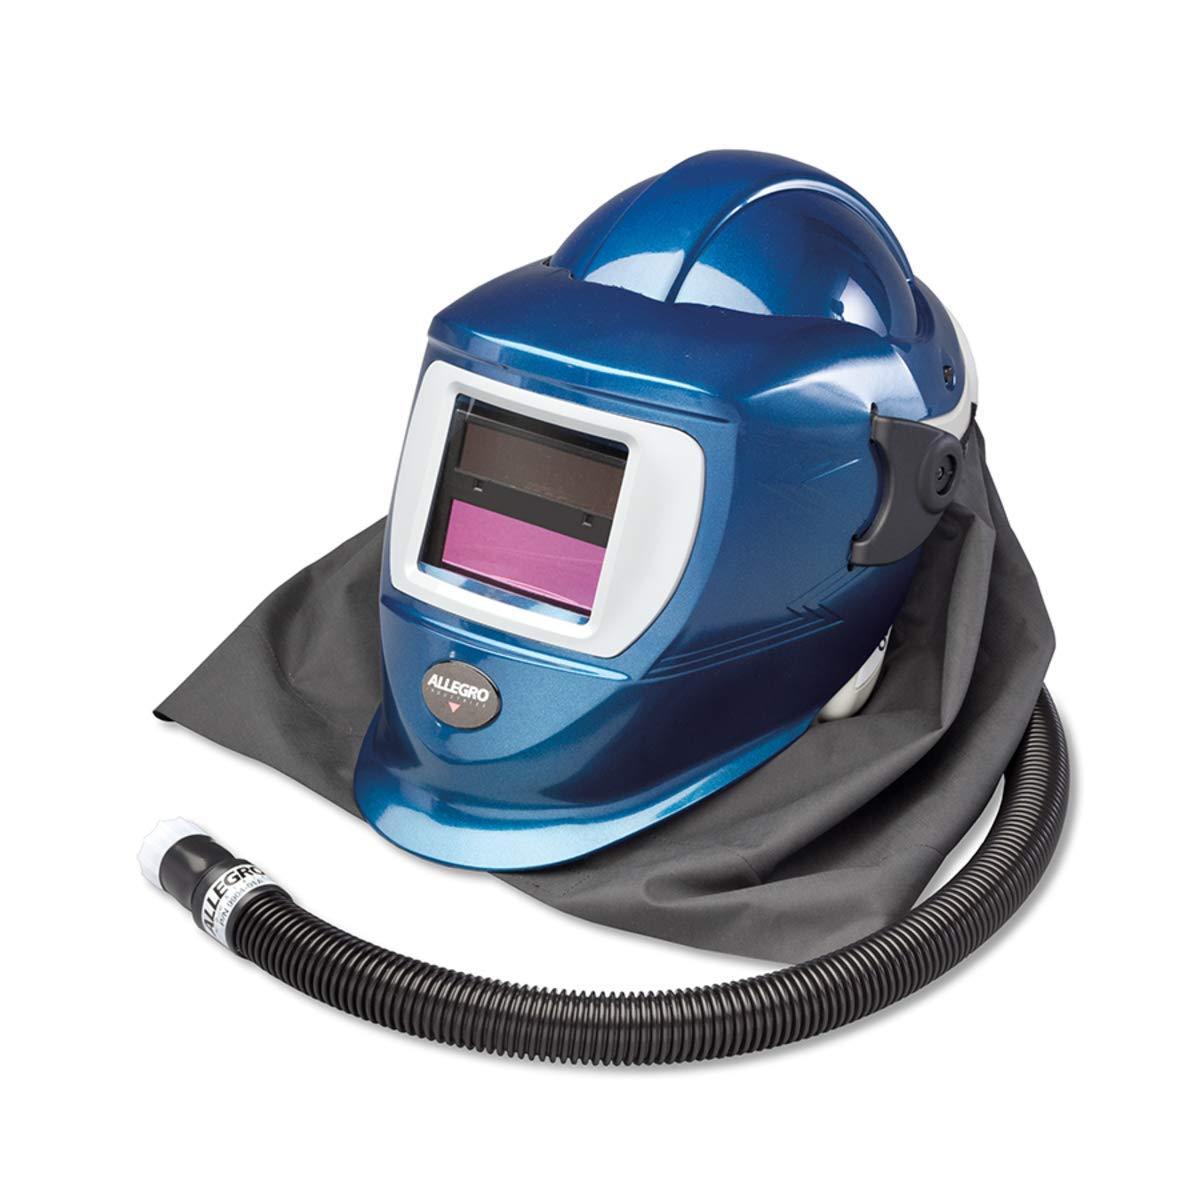 Allegro Industries ABS Low Pressure Deluxe Welding Helmet With Adapter